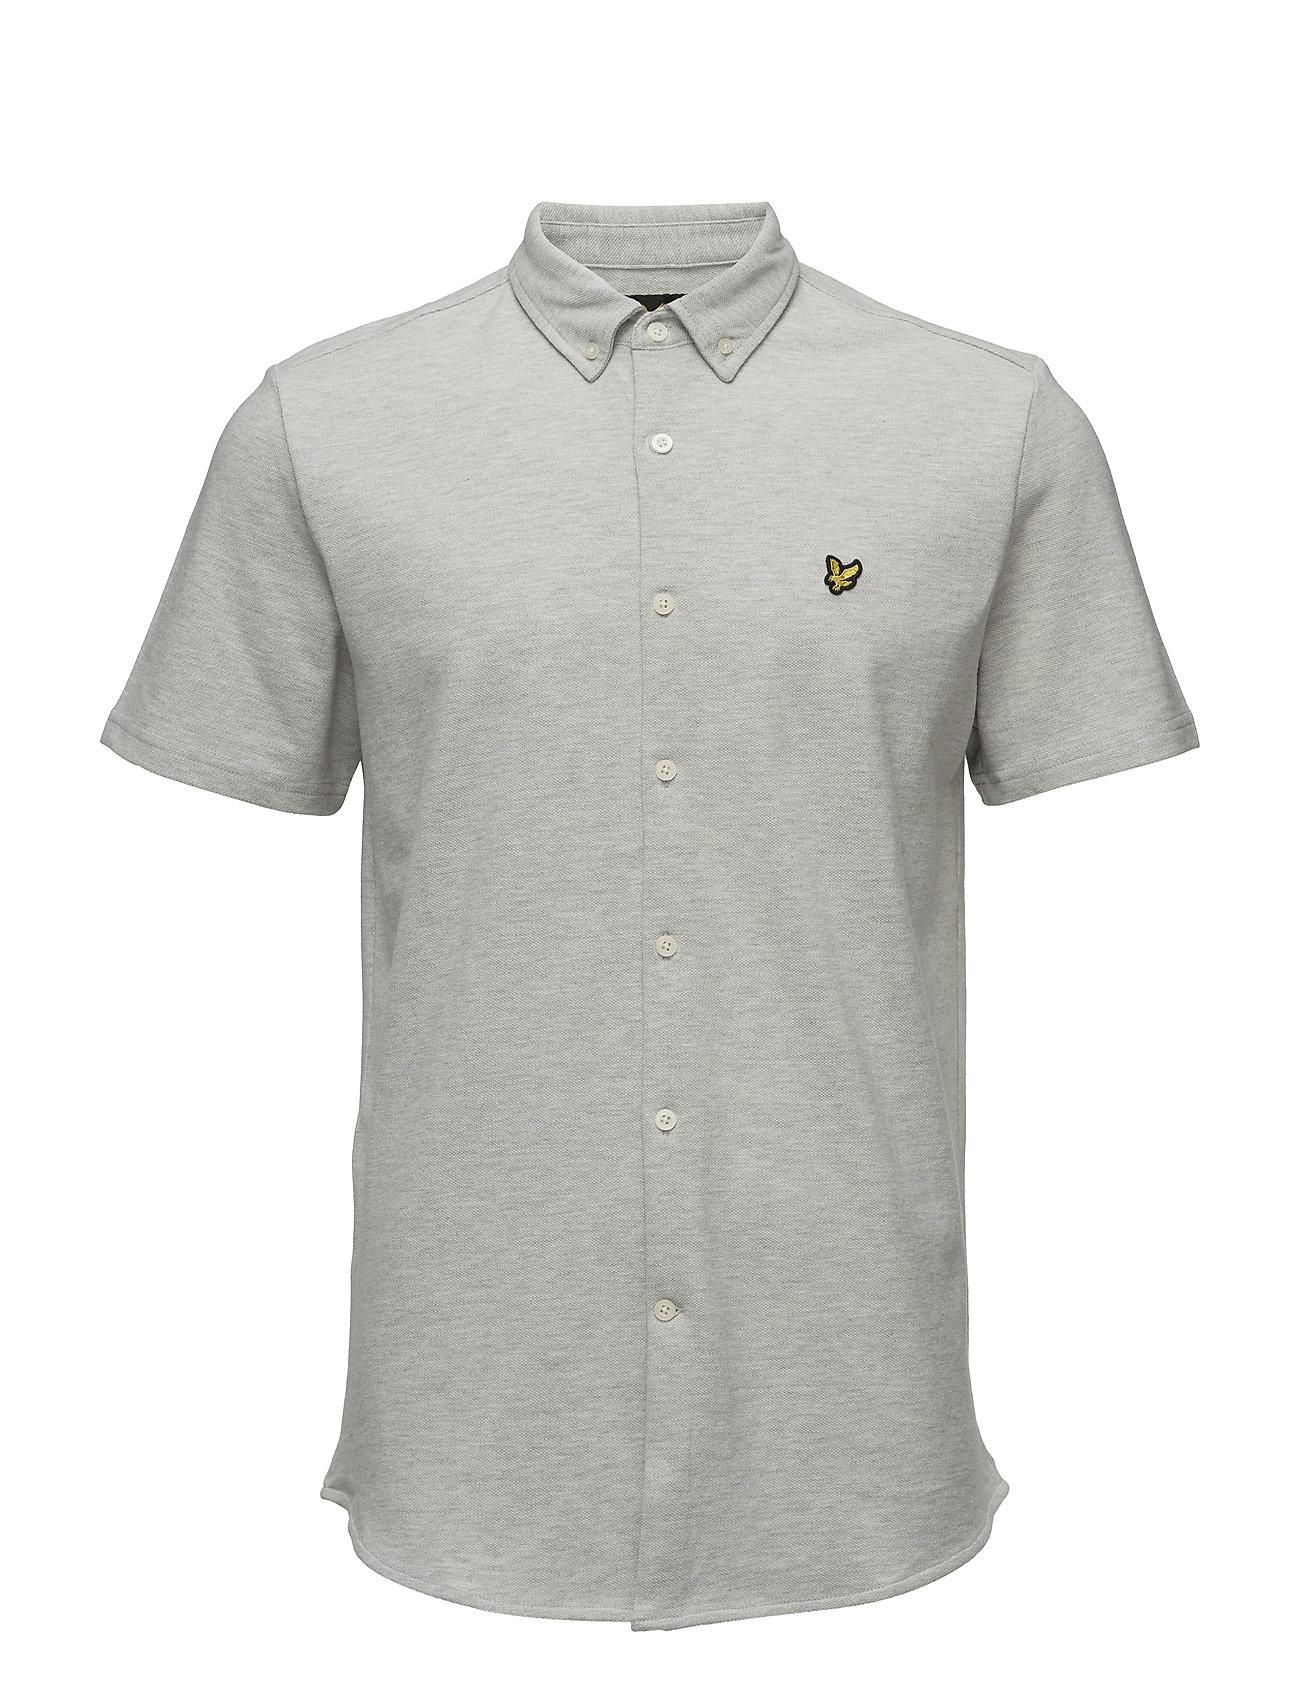 Jersey Shirt Lyle & Scott Trøjer til Mænd i